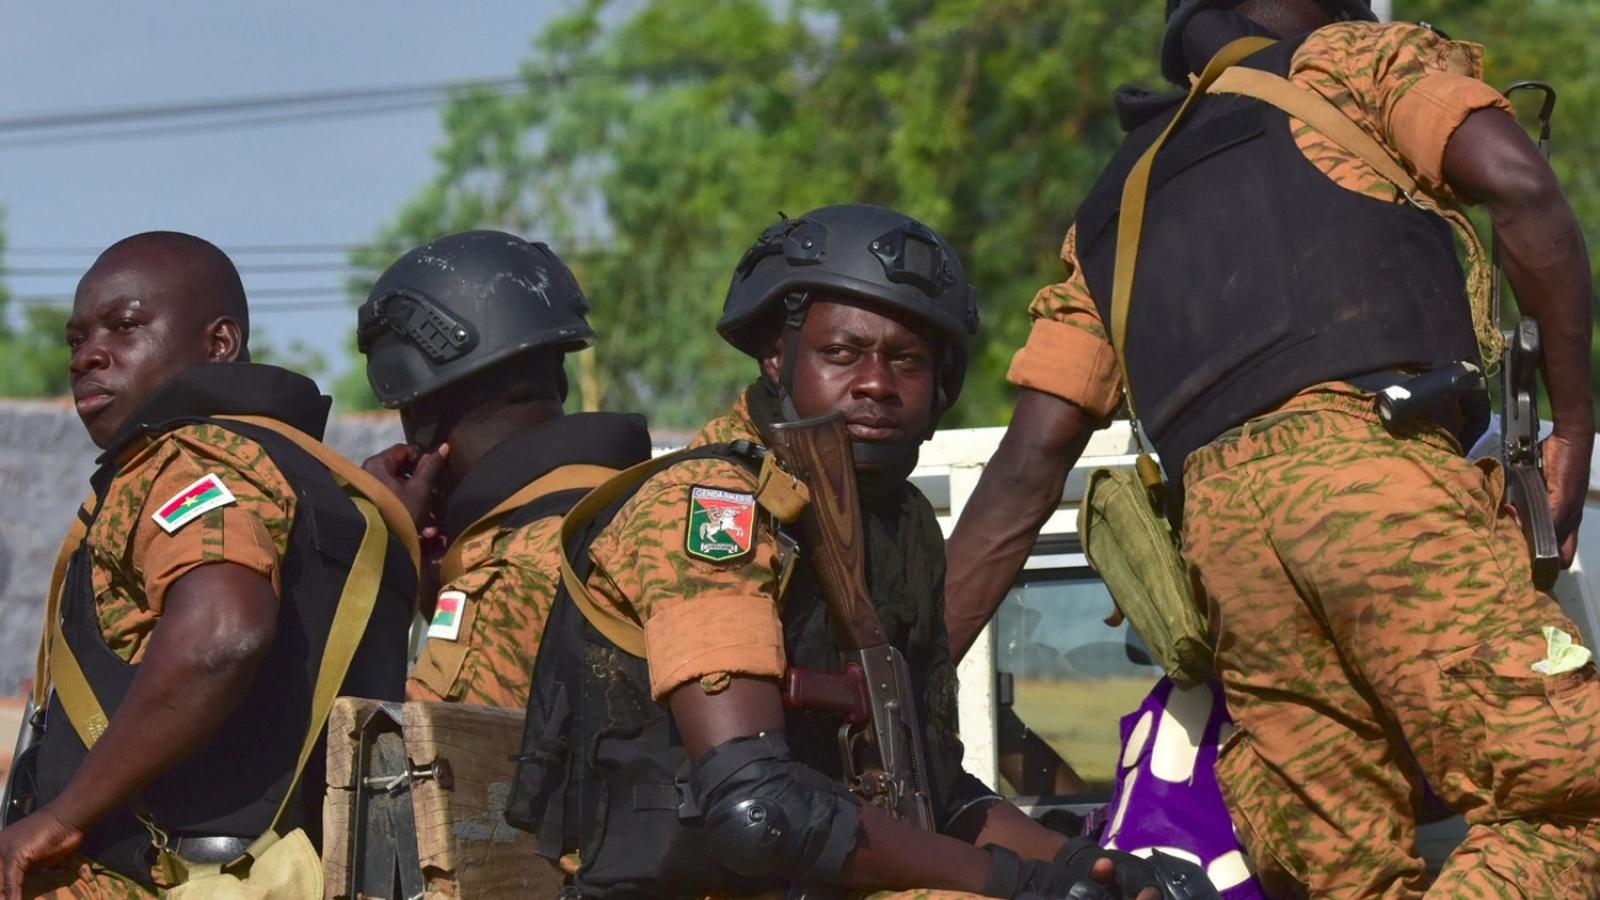 Tấn công khủng bố đẫm máu tại Burkina Faso – Tổng thống tuyên bố 3 ngày quốc tang